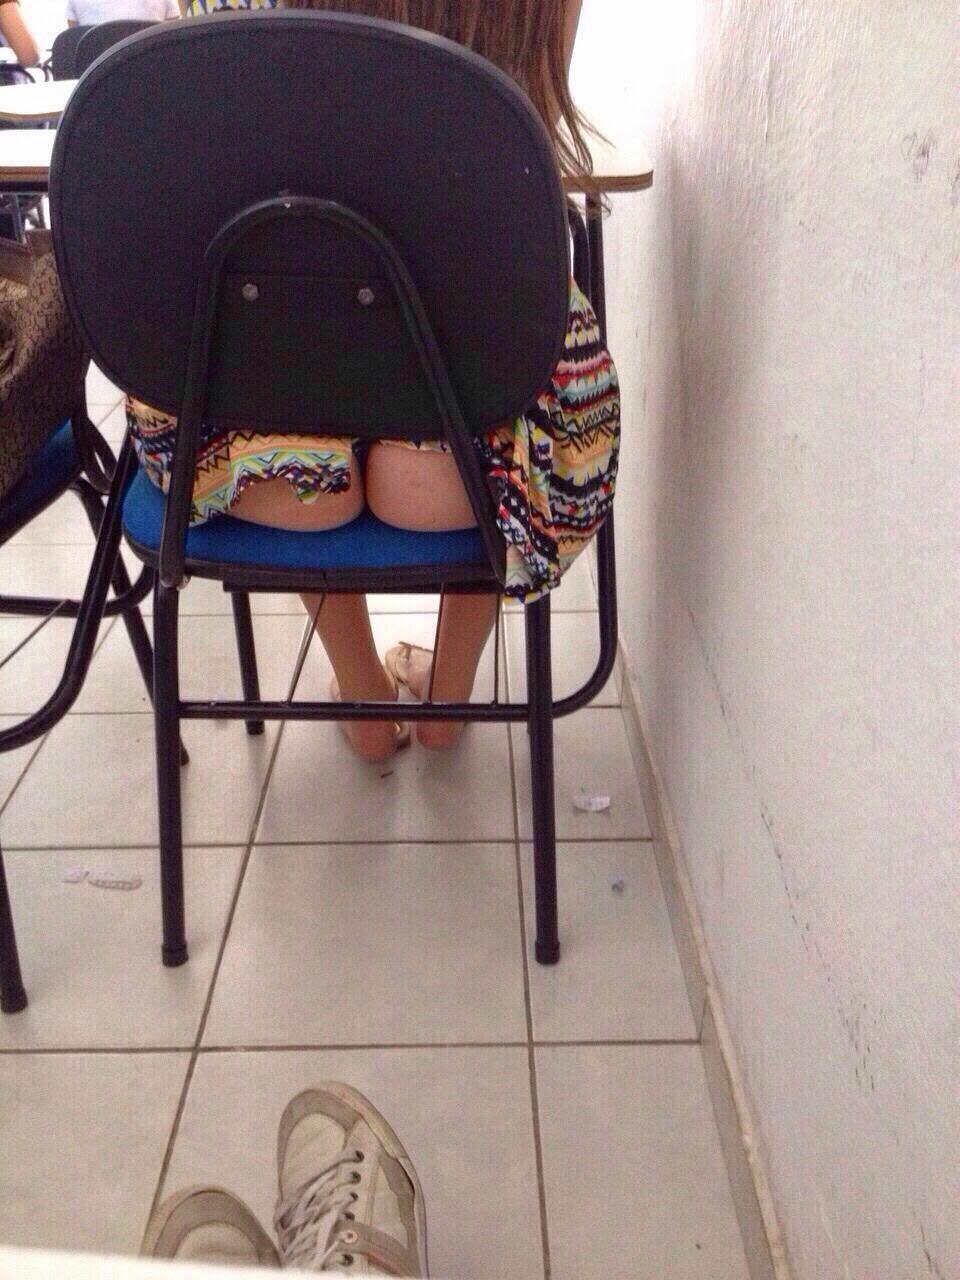 【画像】海外の女子学生がマジでエロすぎて授業に集中できない。。(画像)・6枚目